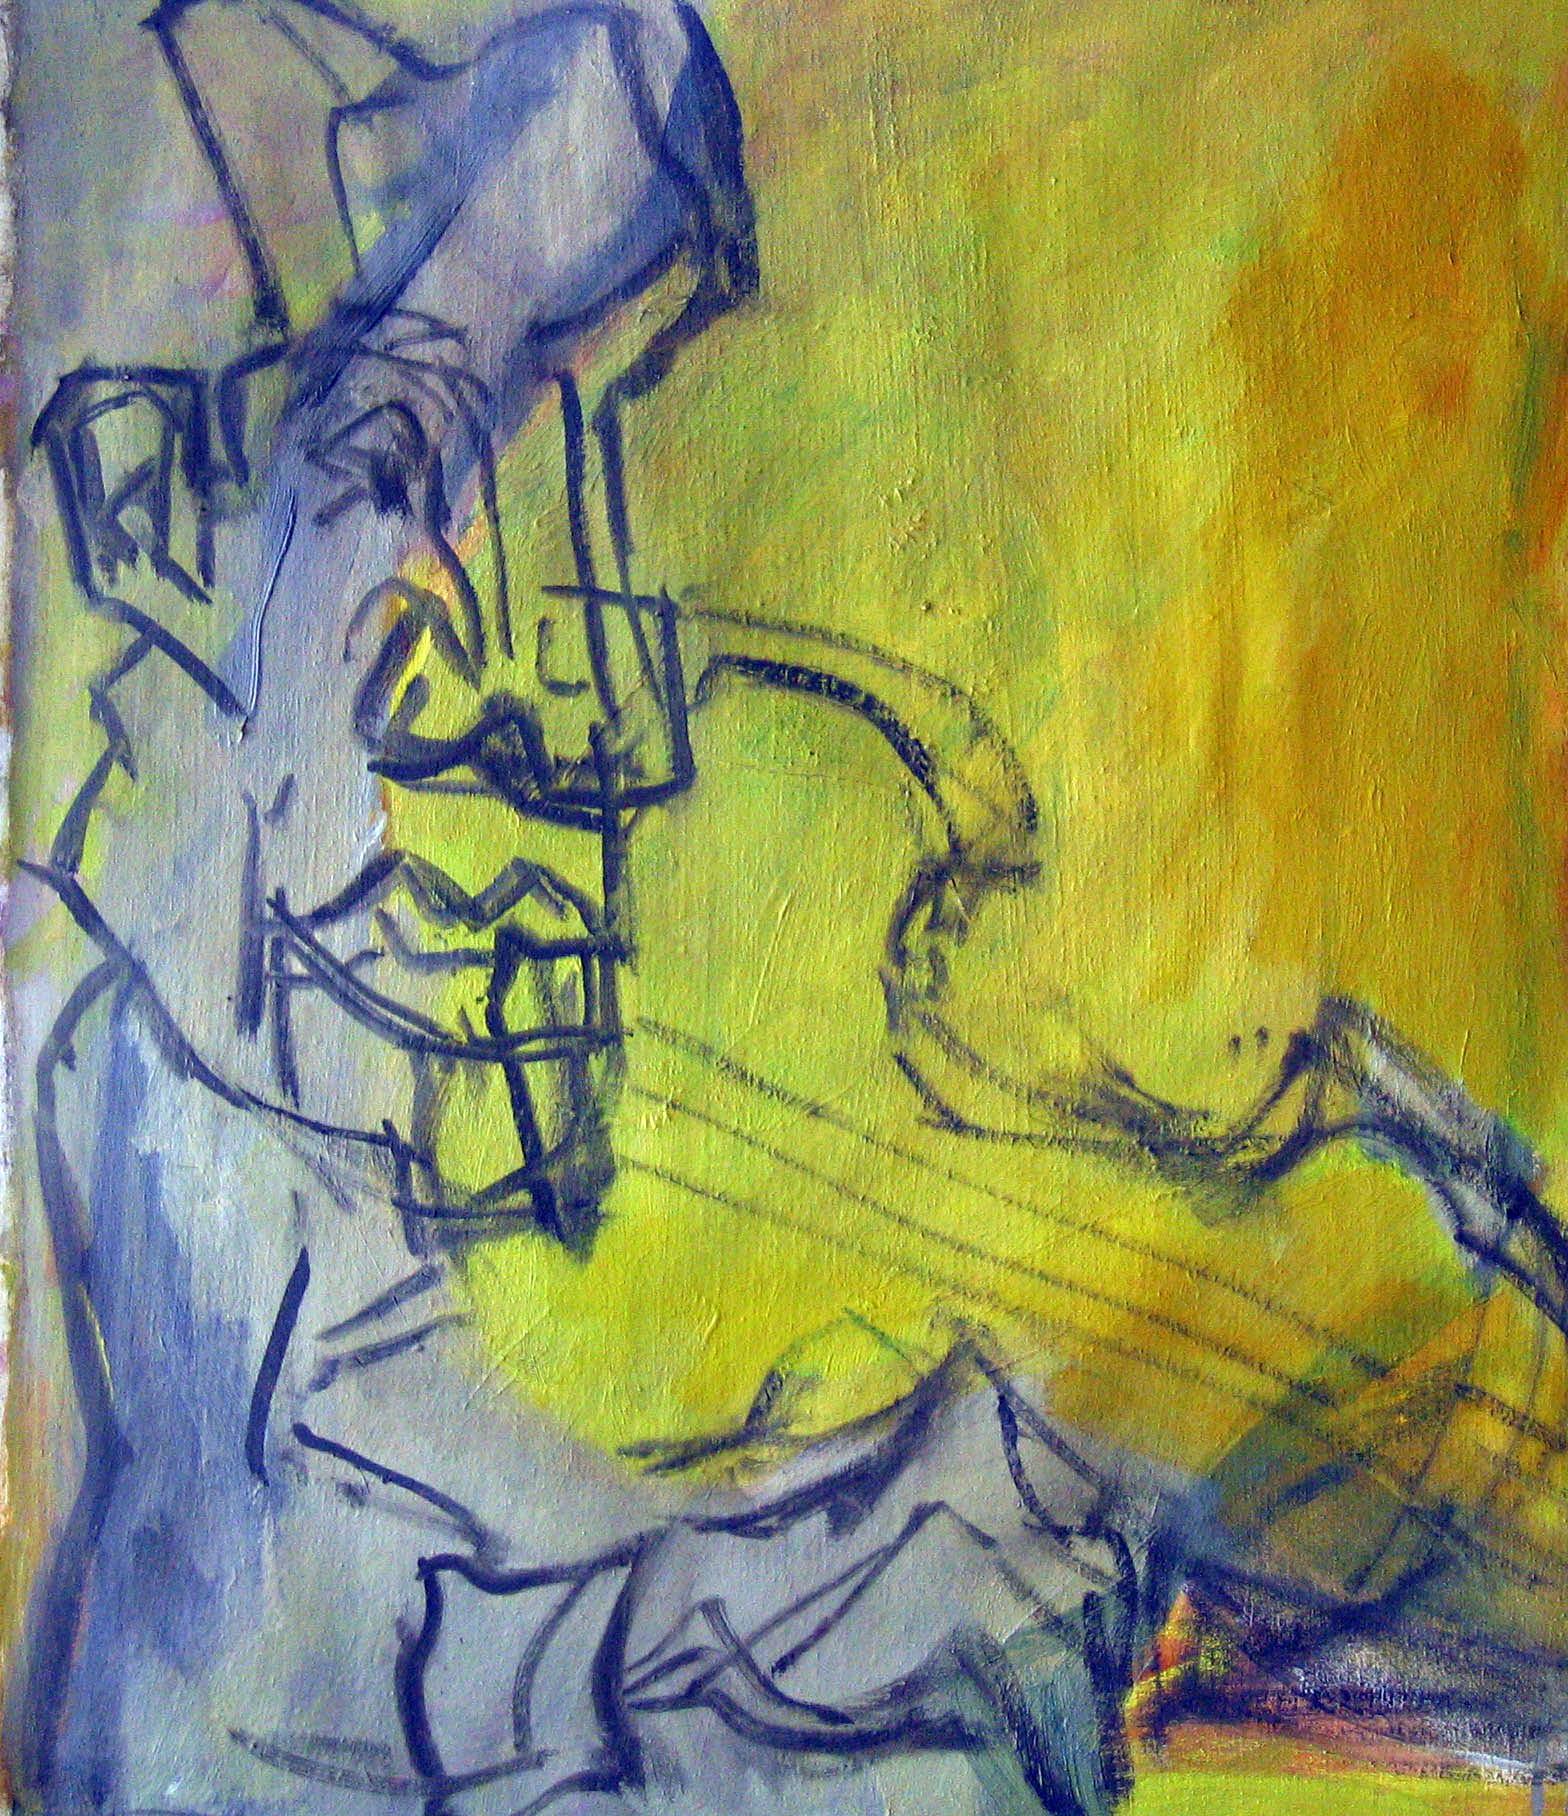 fiolspelarenIMG_0065_2.jpg